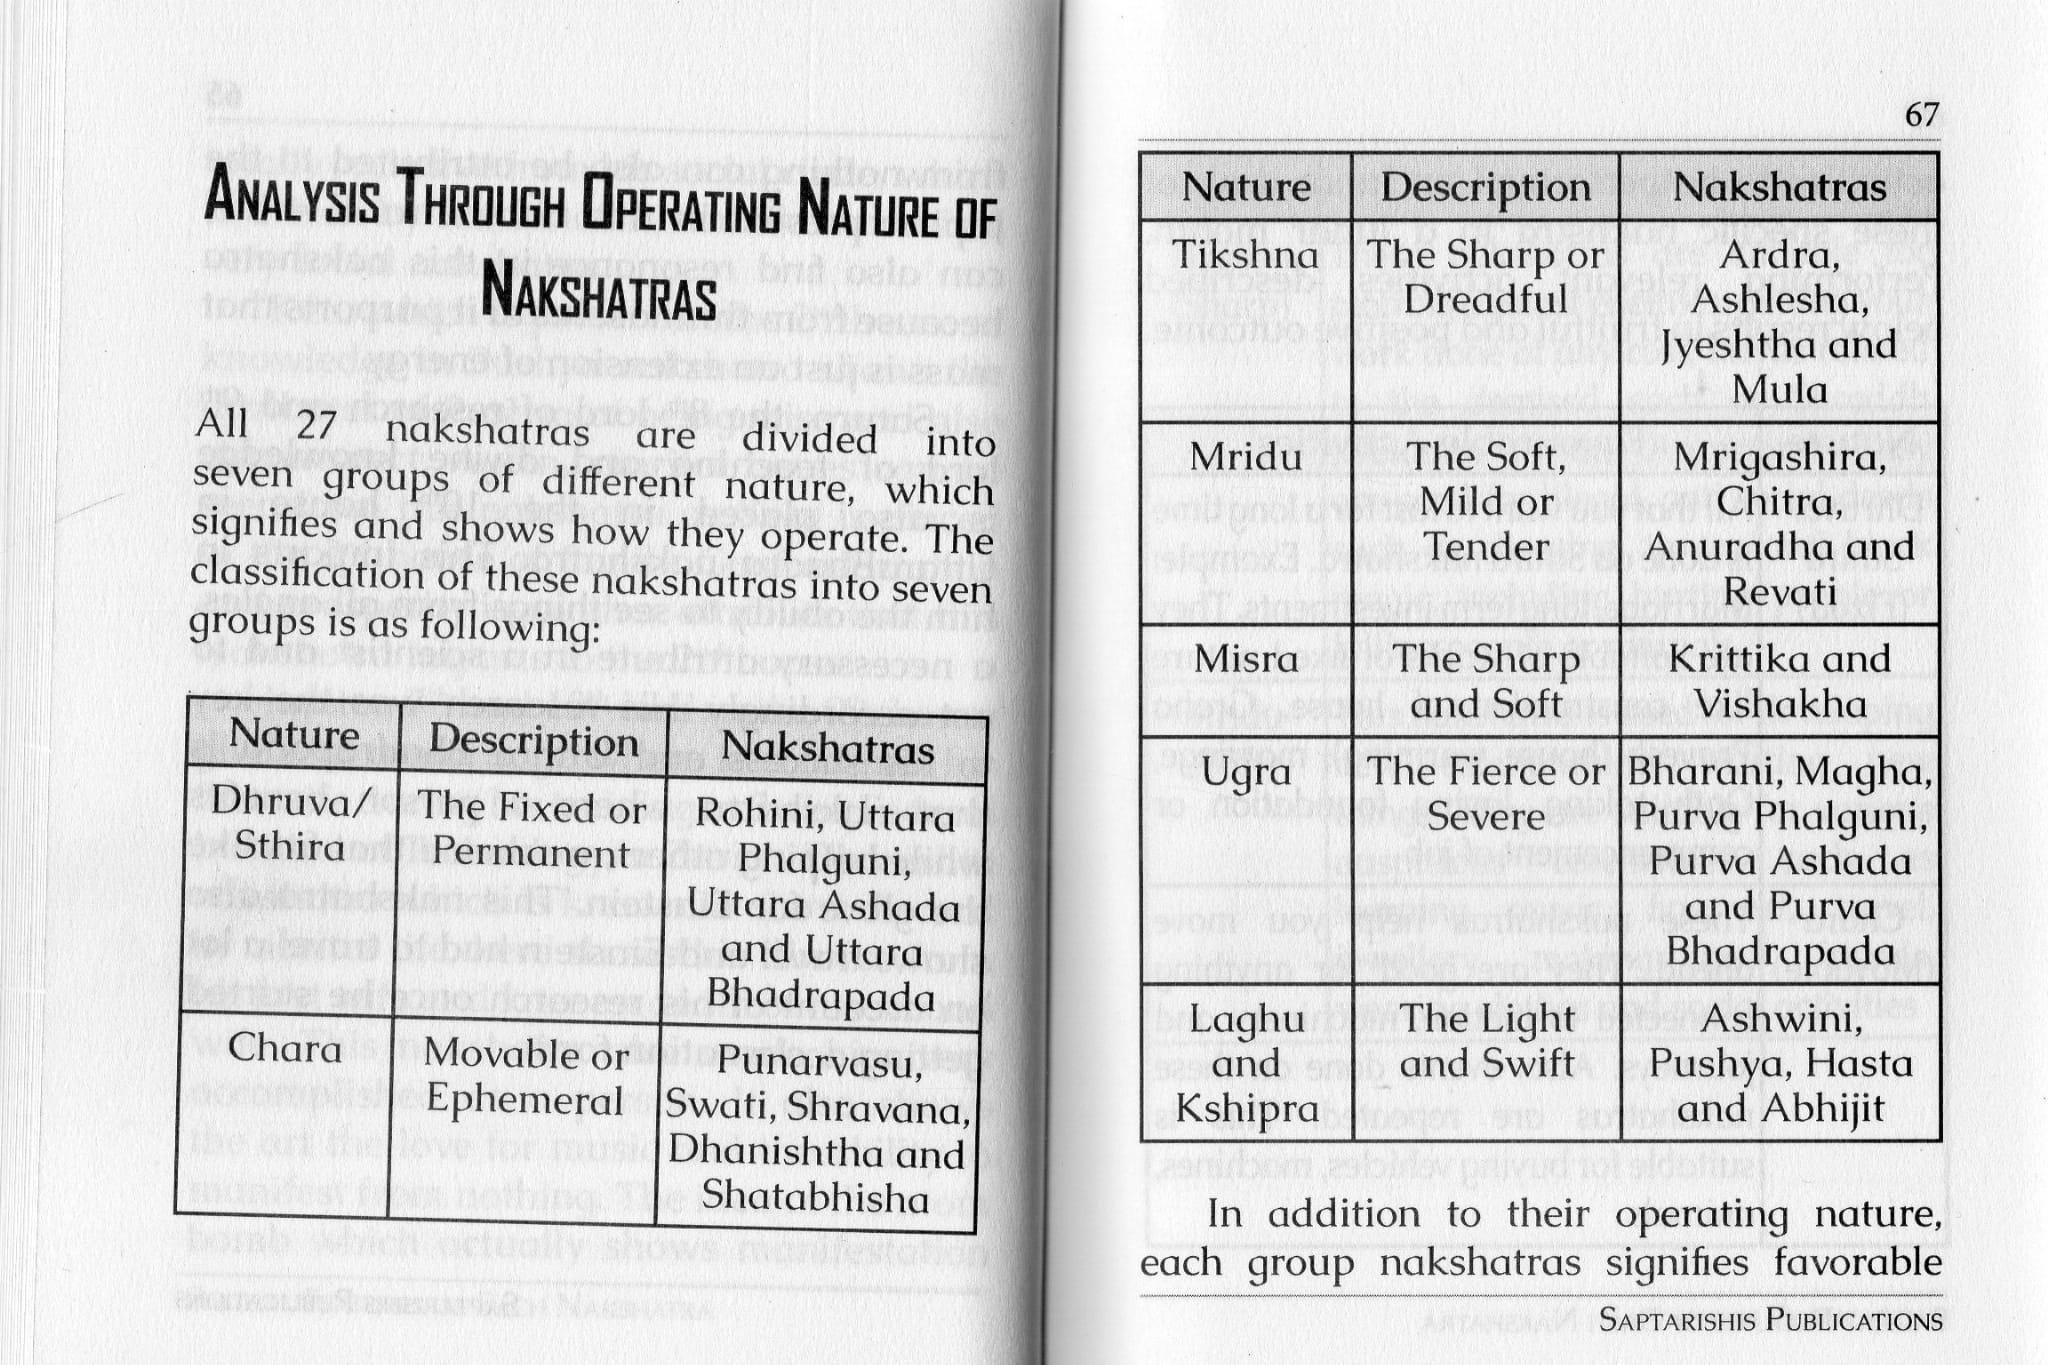 27 Nakshatras 27 Days Connecting The Nakshatras by Anuradha Sharda[SA]